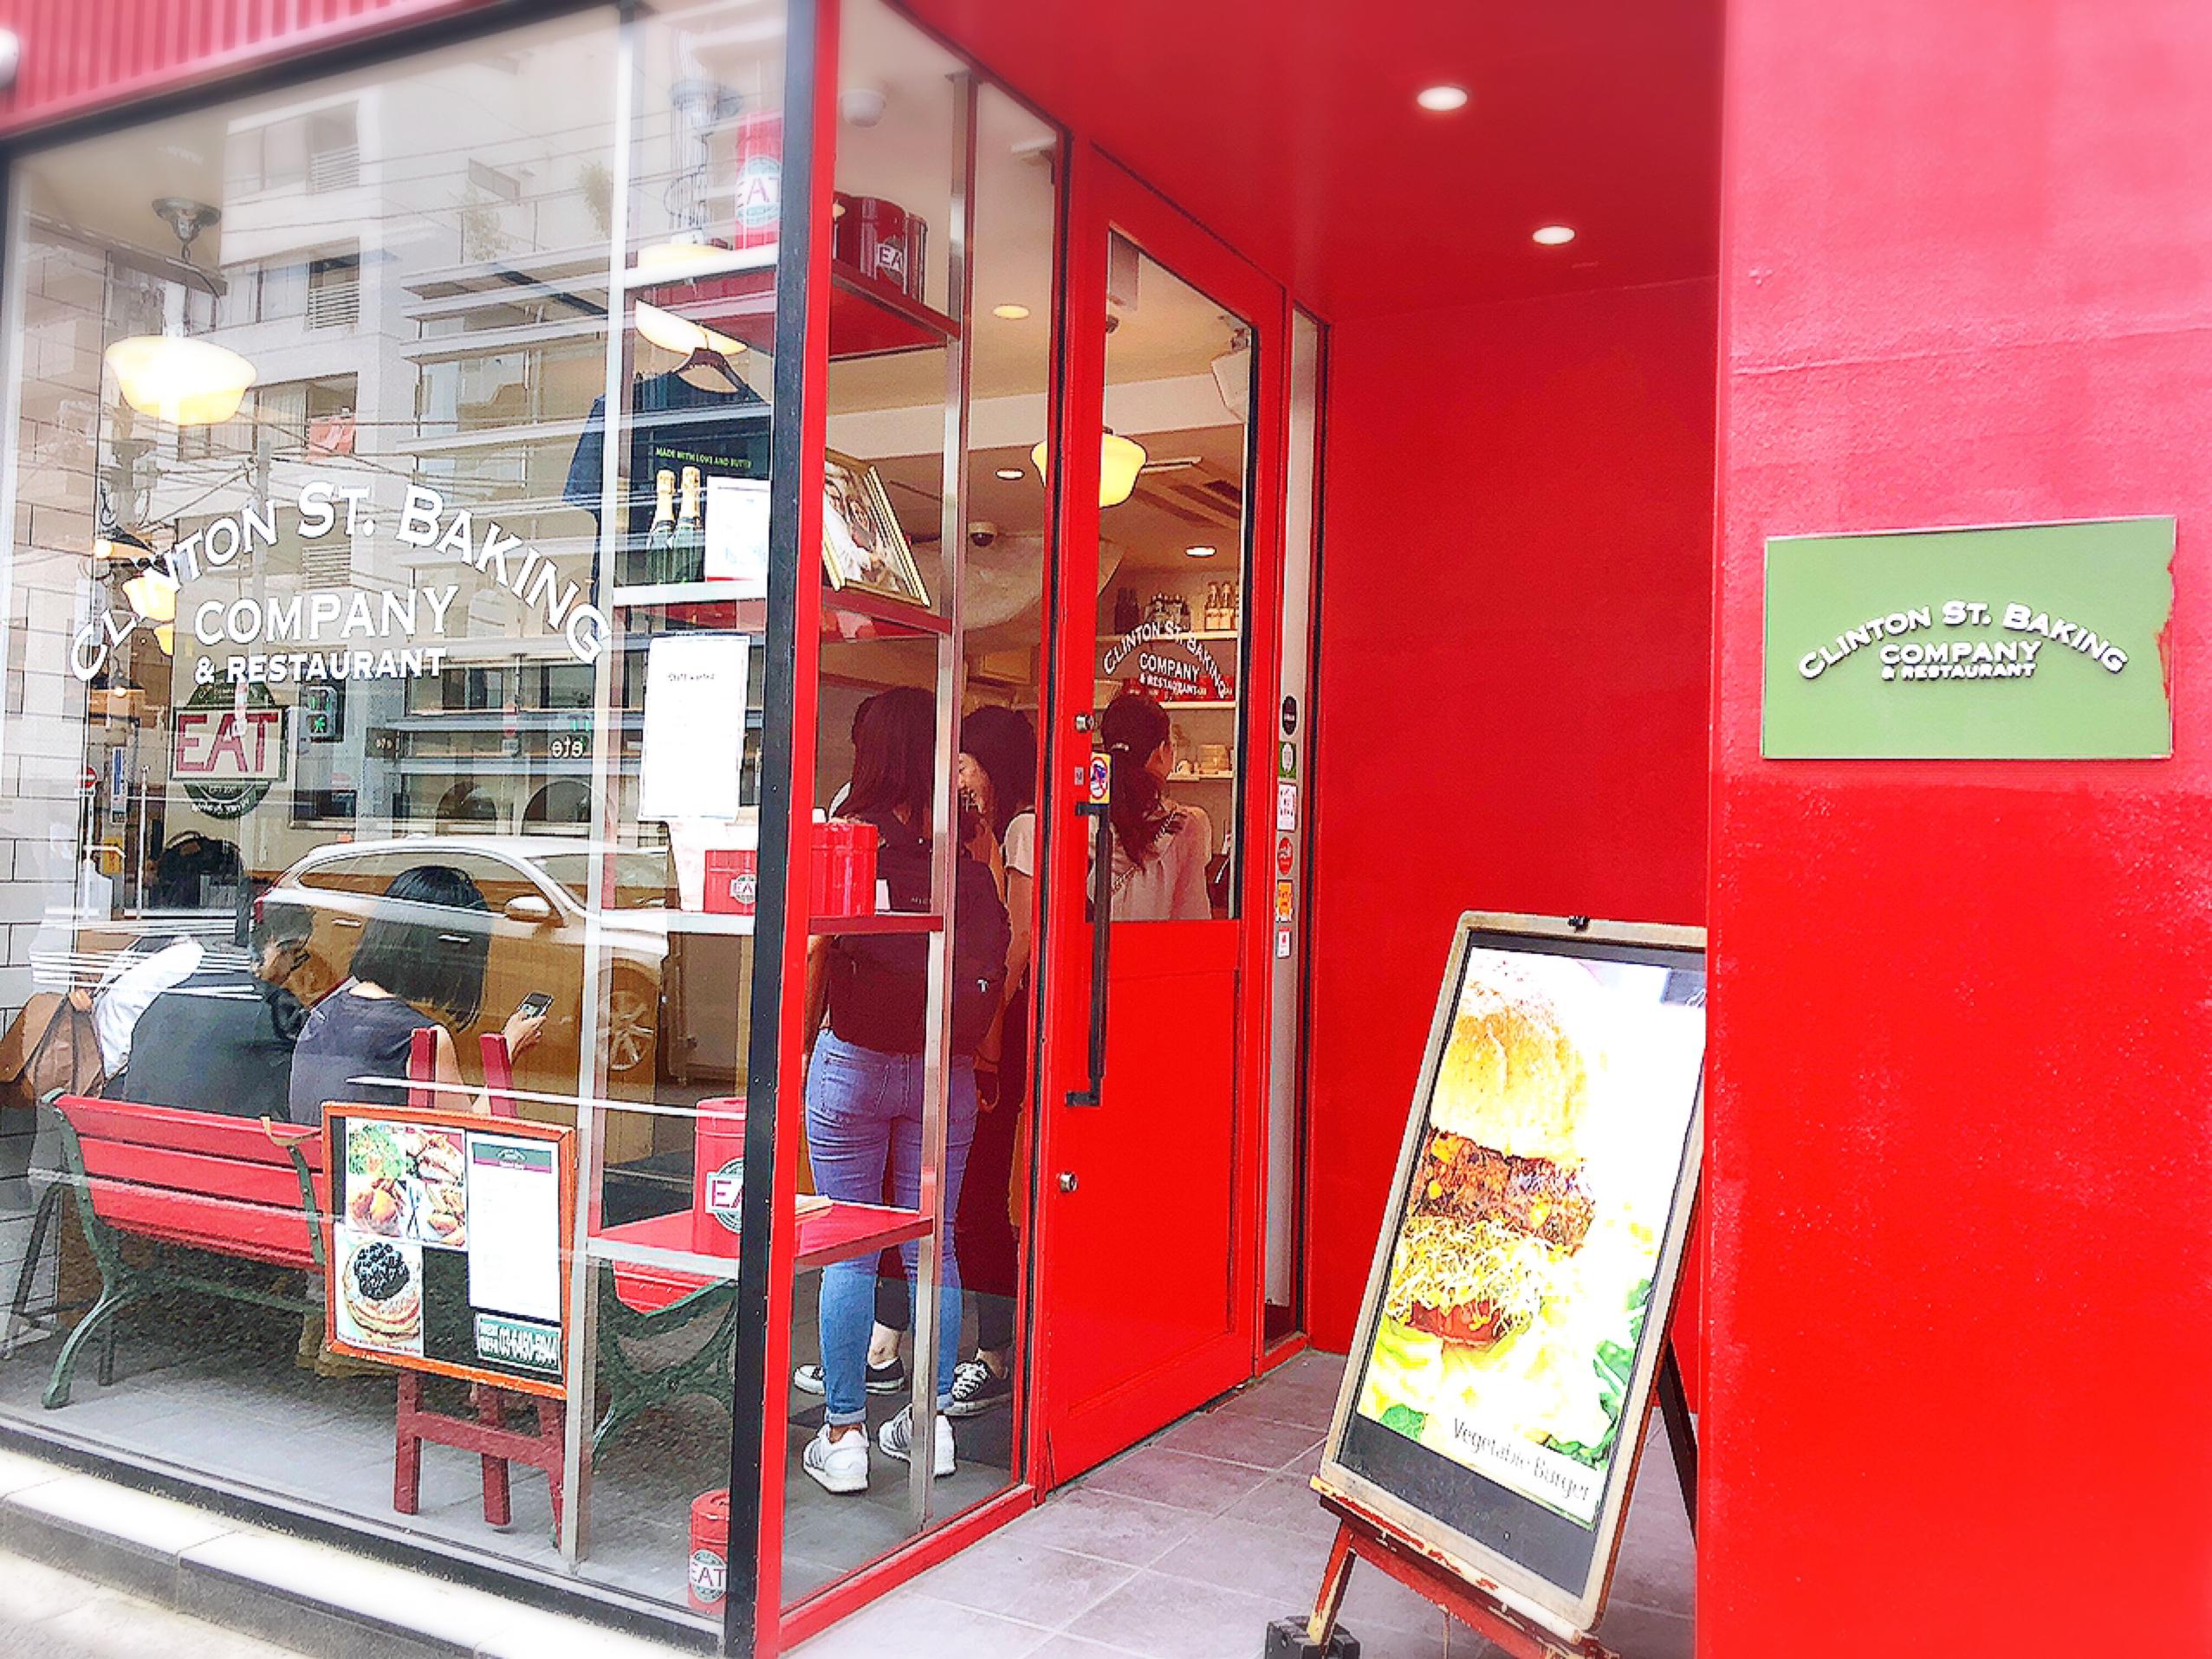 【表参道】NYで大人気のパンケーキを東京 南青山で♩CLINTON ST. BAKING COMPANY_1